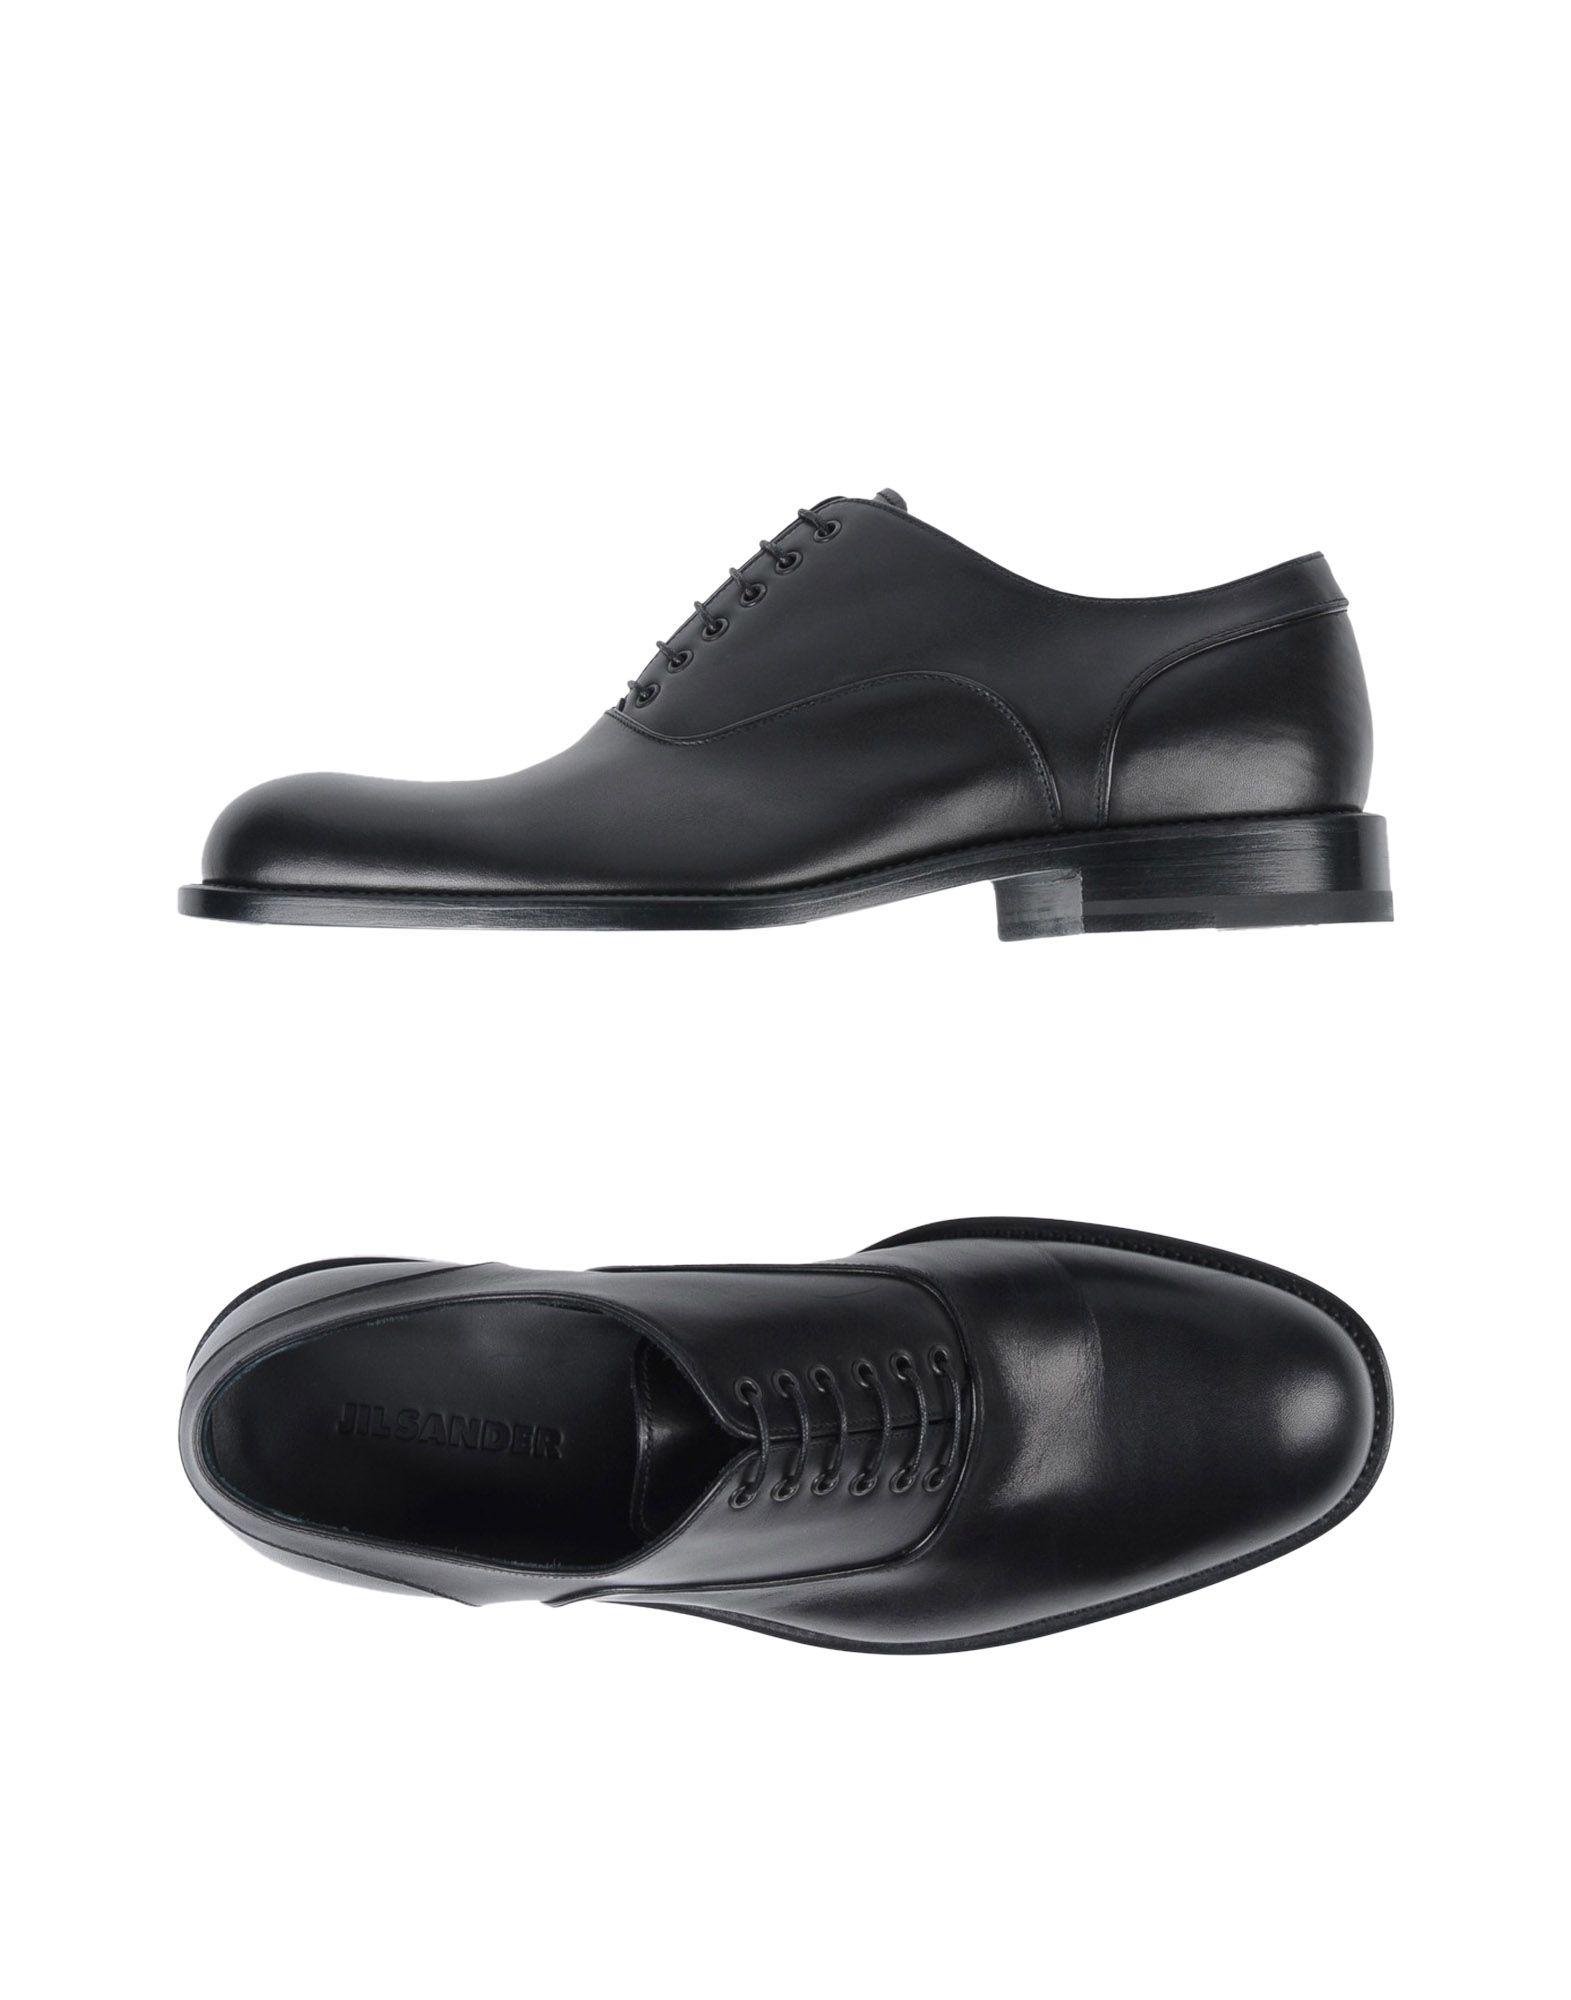 Jil Sander Schnürschuhe Herren  11487013WM Gute Qualität beliebte Schuhe